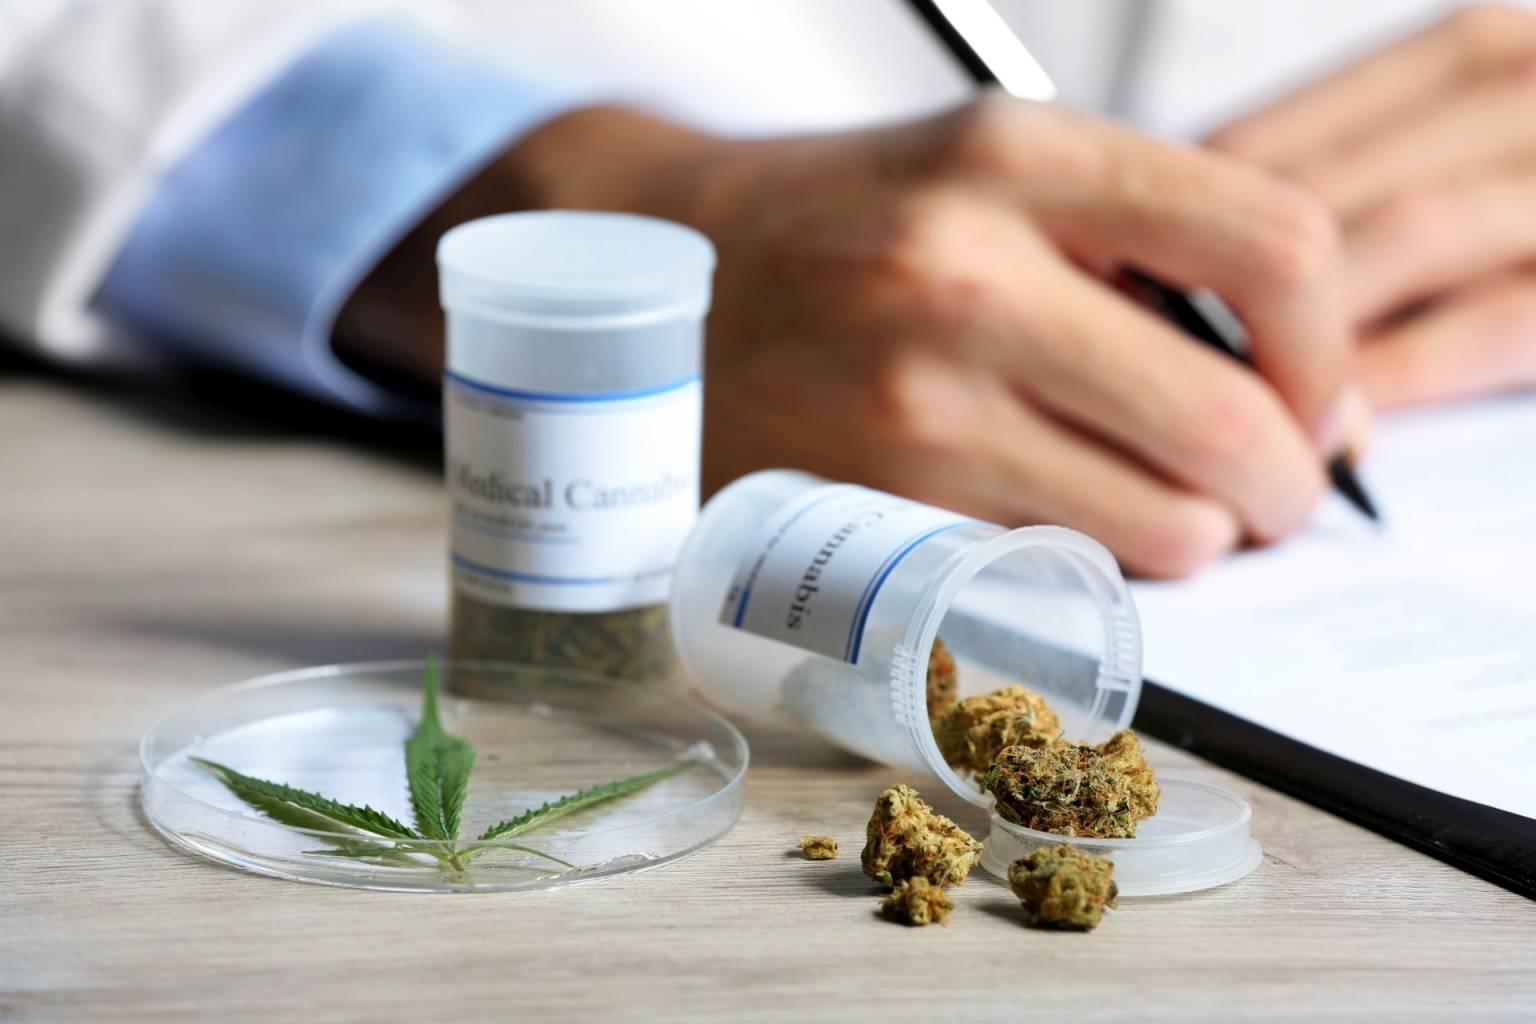 Lekarz przepisuje medyczną marihuanę. Jak działają leki z konopi?